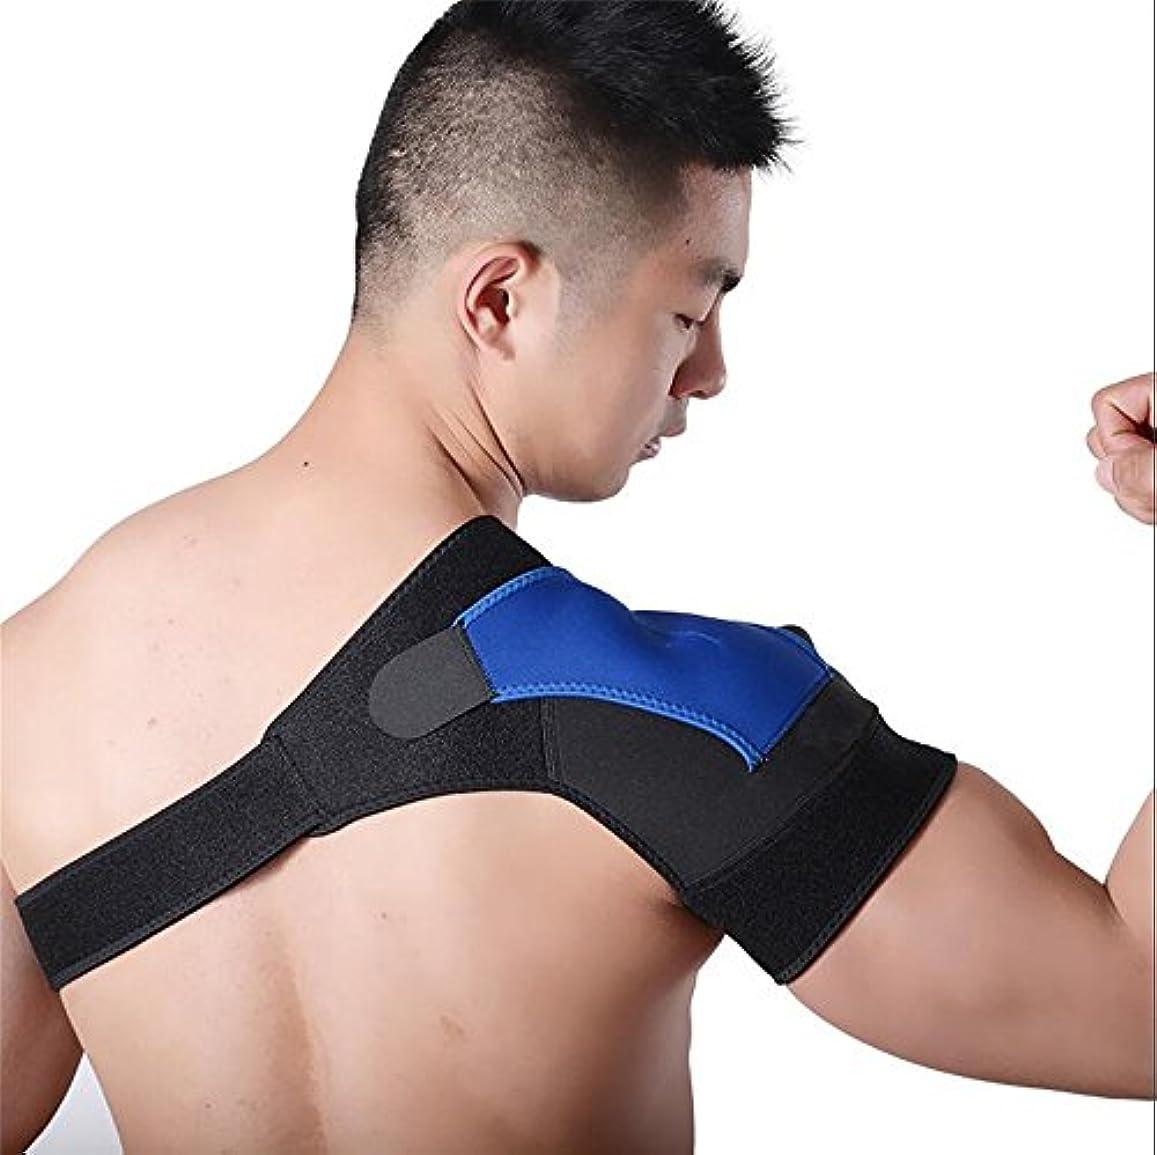 教会絶望悪用ZSZBACE 肩サポーター 右肩 左肩 肩 肩固定 けが 防止 マジック テープ式 男女兼用 簡単装着 (左肩用, ブルー)